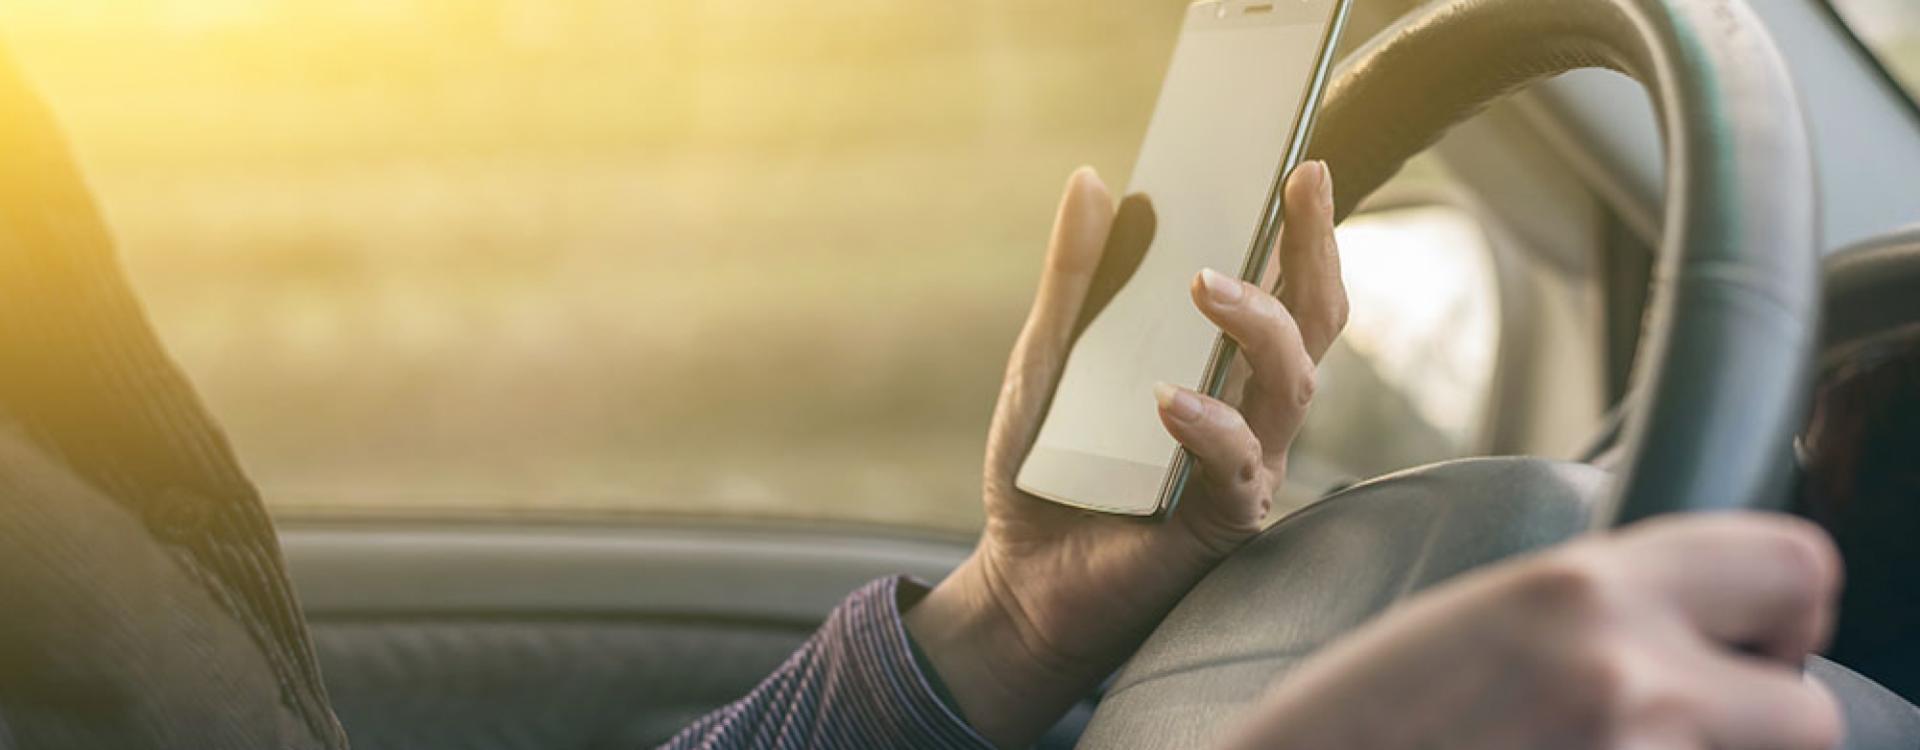 Aplicaciones para ahorrar dinero mientras conduces